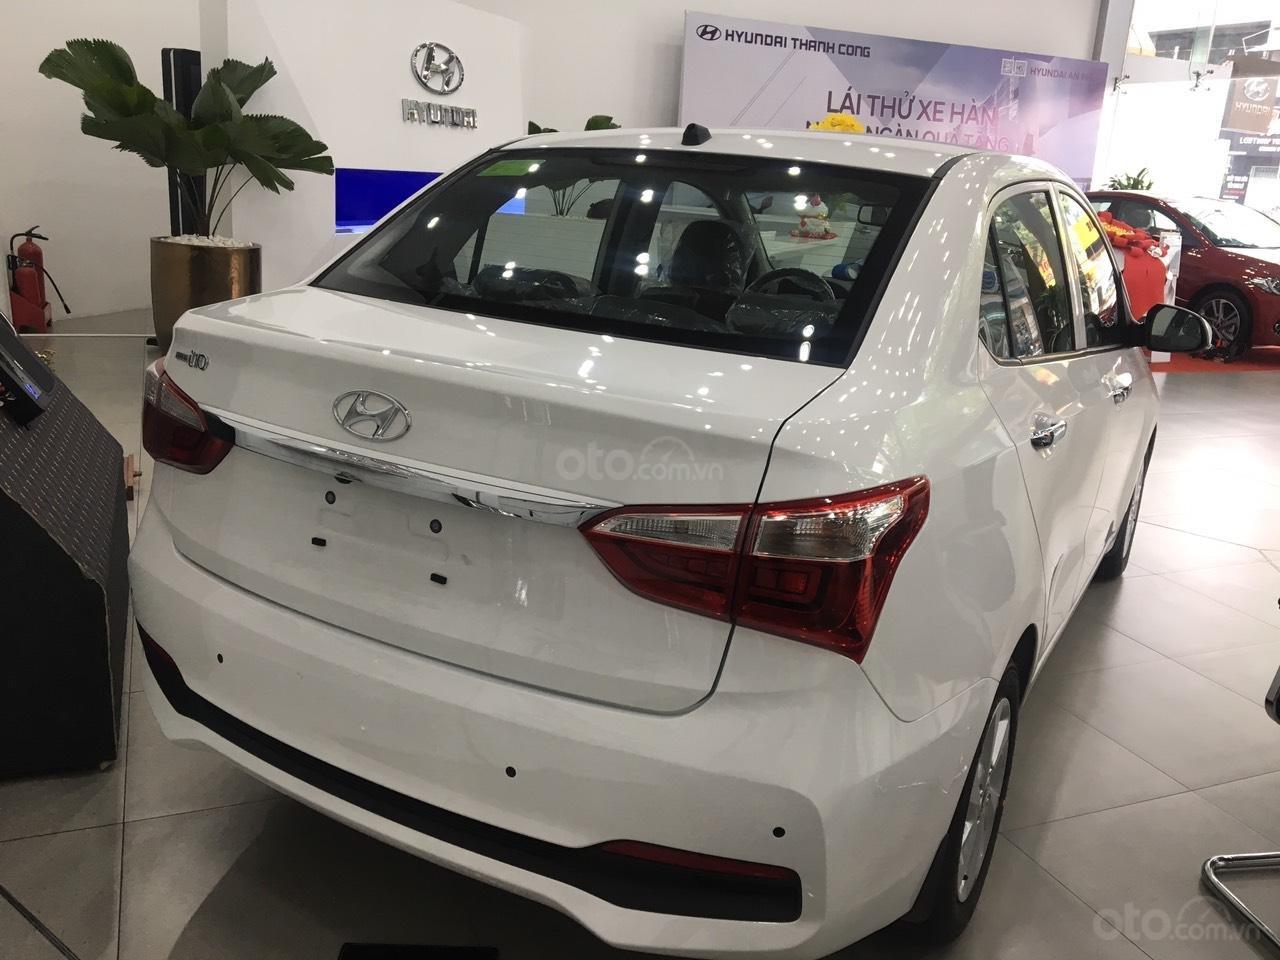 Bán xe Hyundai Grand i10 1.2 AT Sedan đời 2019, màu trắng, giá 415tr-2